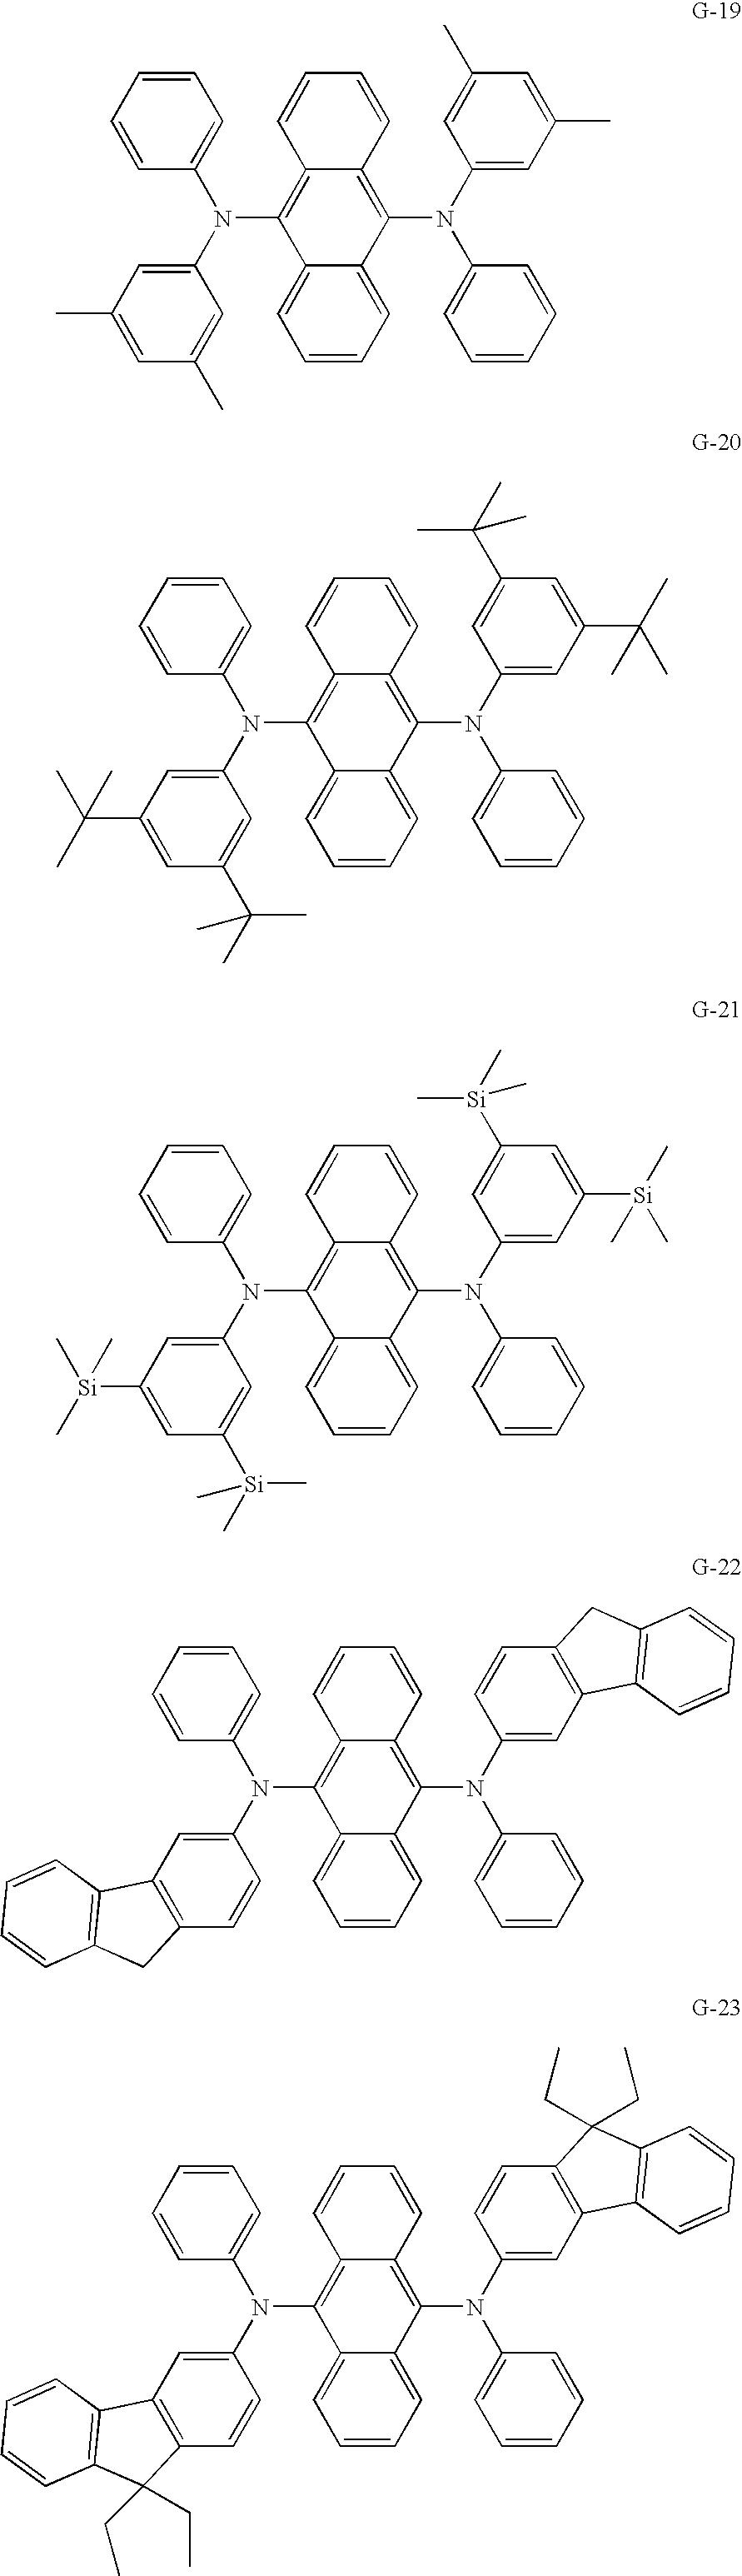 Figure US07651788-20100126-C00040